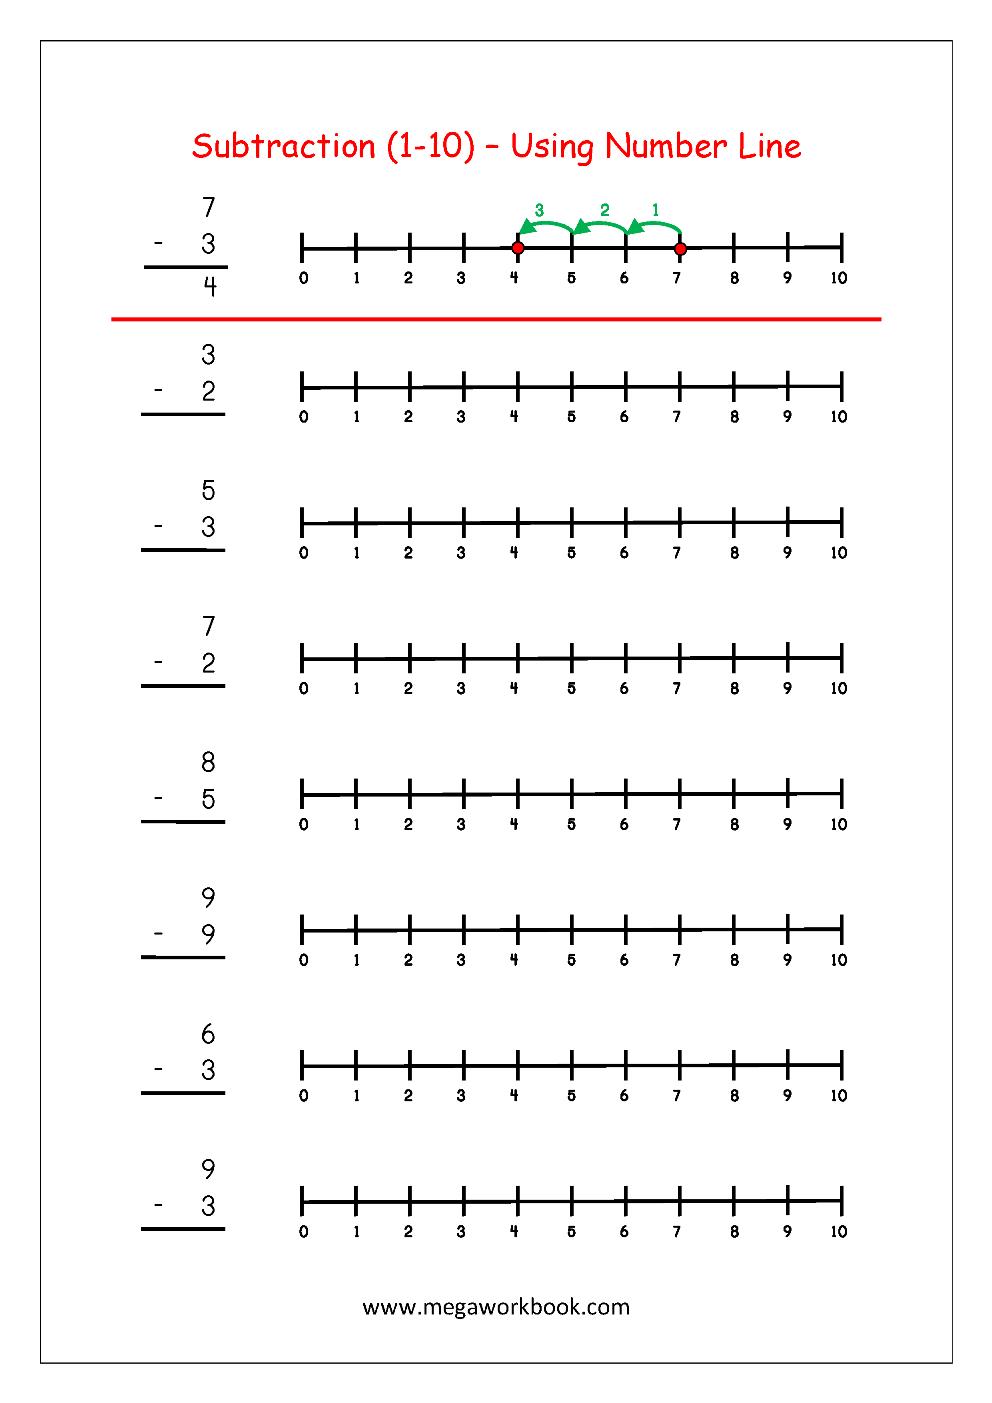 Subtraction Using Number Line | Maths Worksheets For Kindergarten - Free Printable Number Line Worksheets